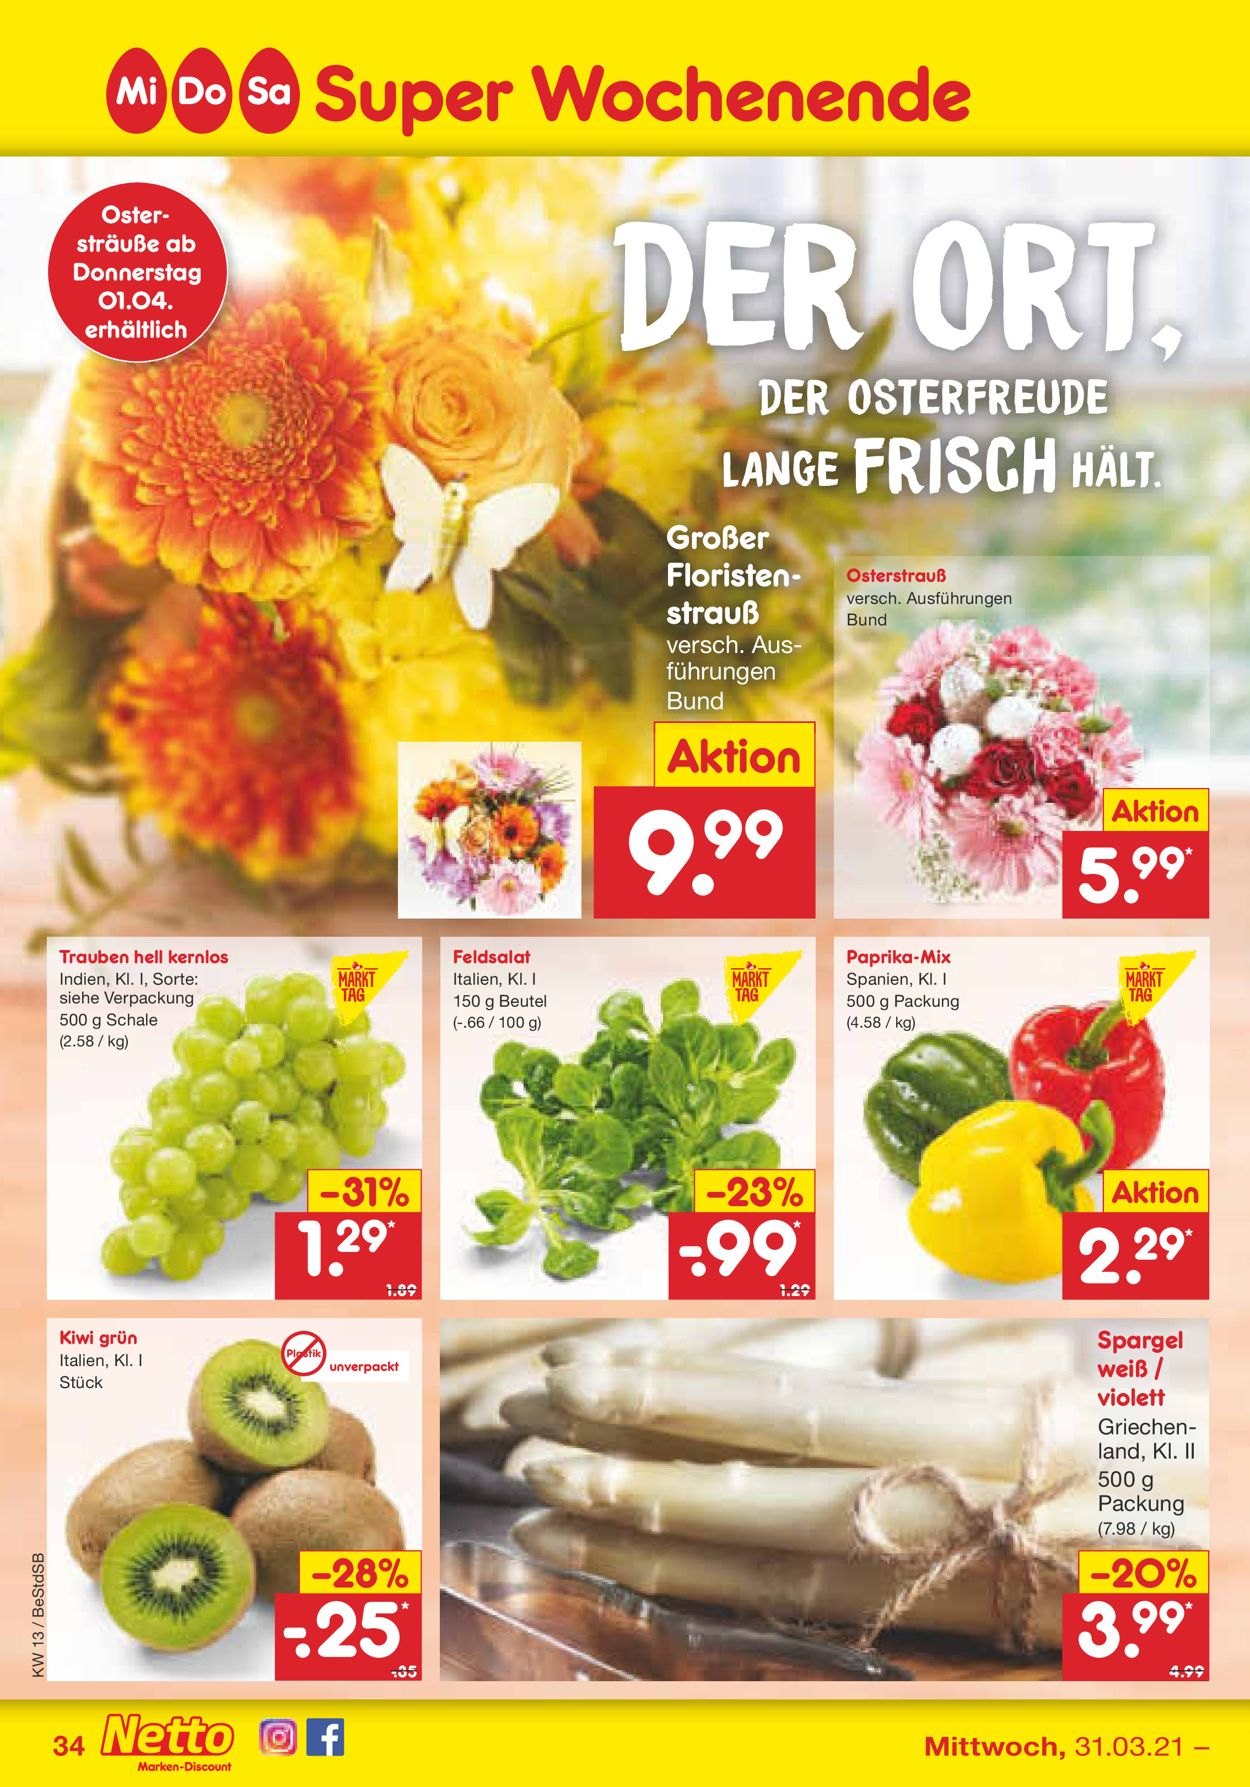 Netto Marken-Discount Ostern 2021 Prospekt - Aktuell vom 29.03-03.04.2021 (Seite 34)